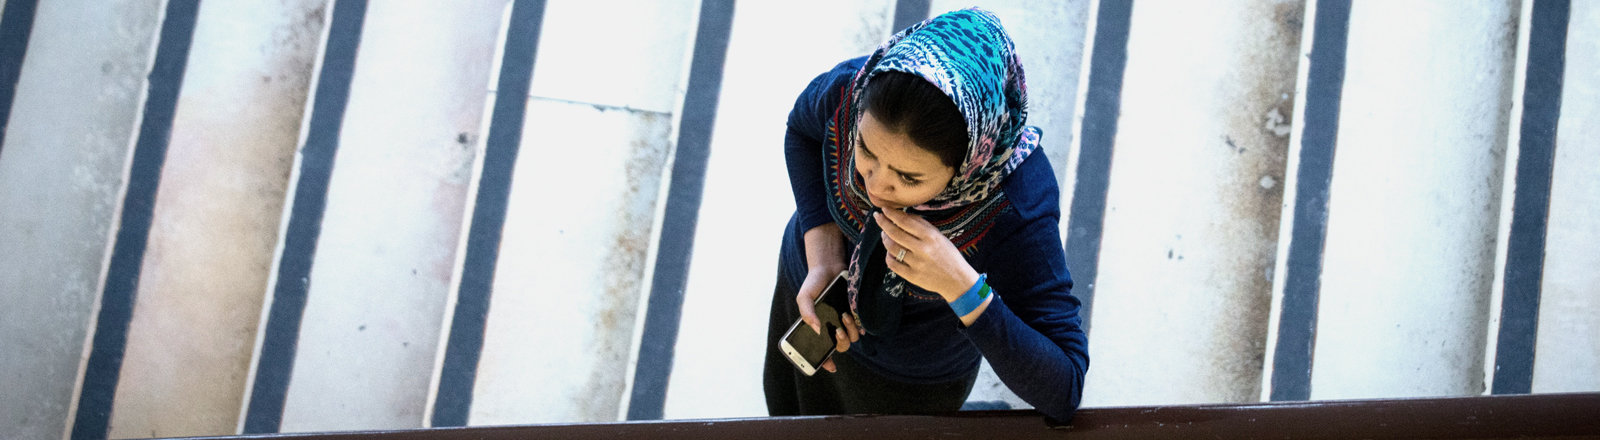 Frau in Berliner Flüchtlingsnotunterkunft